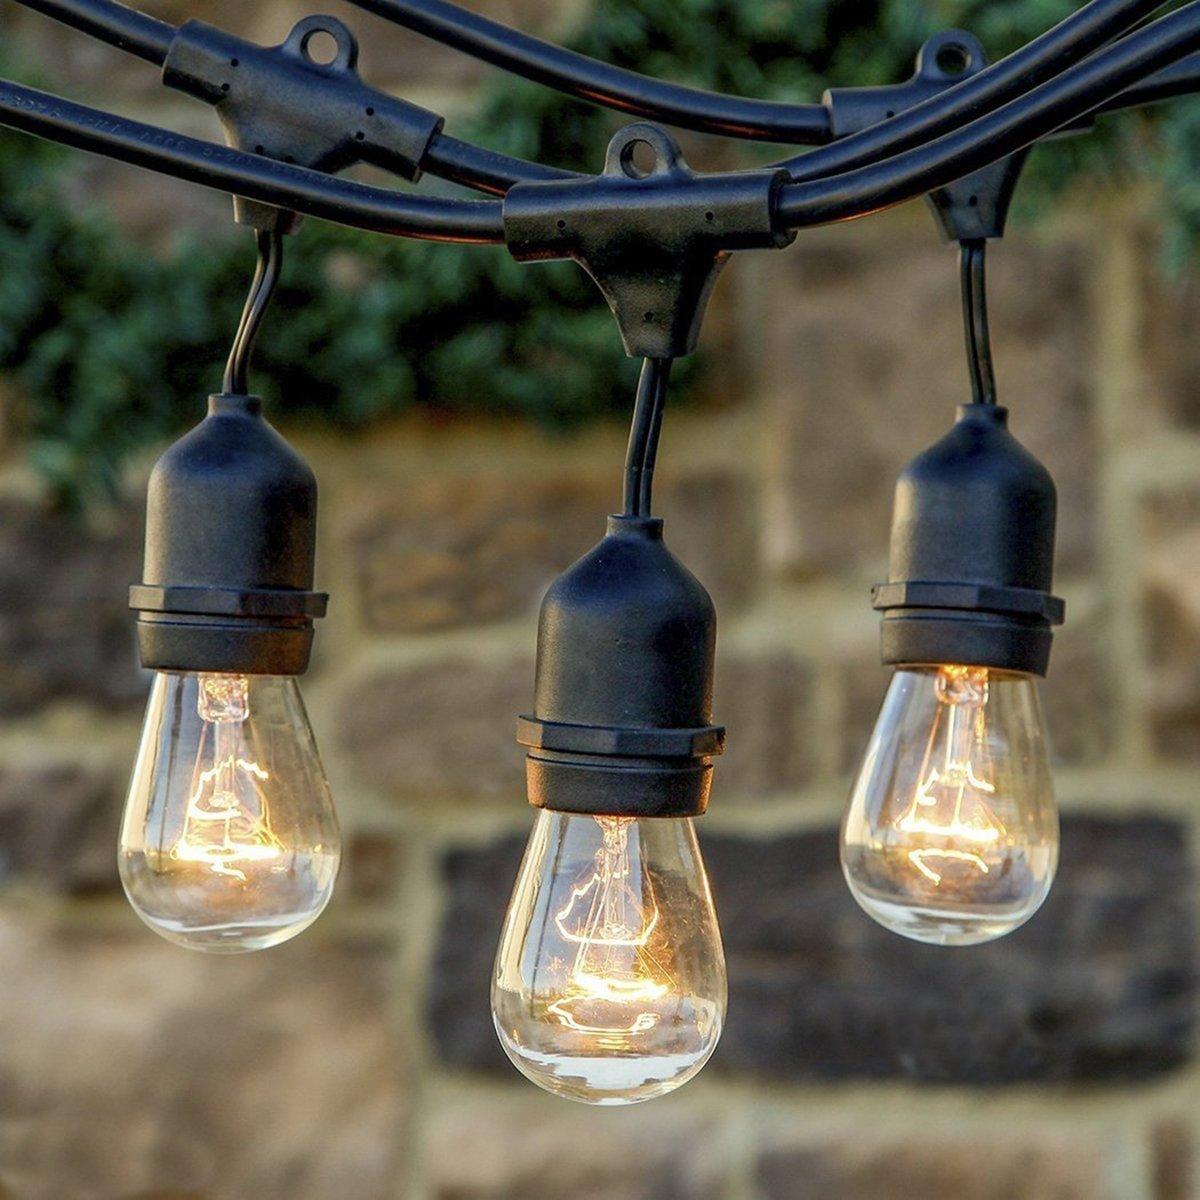 Amazoncom String Lights 33 ft Waterproof Indoor Outdoor